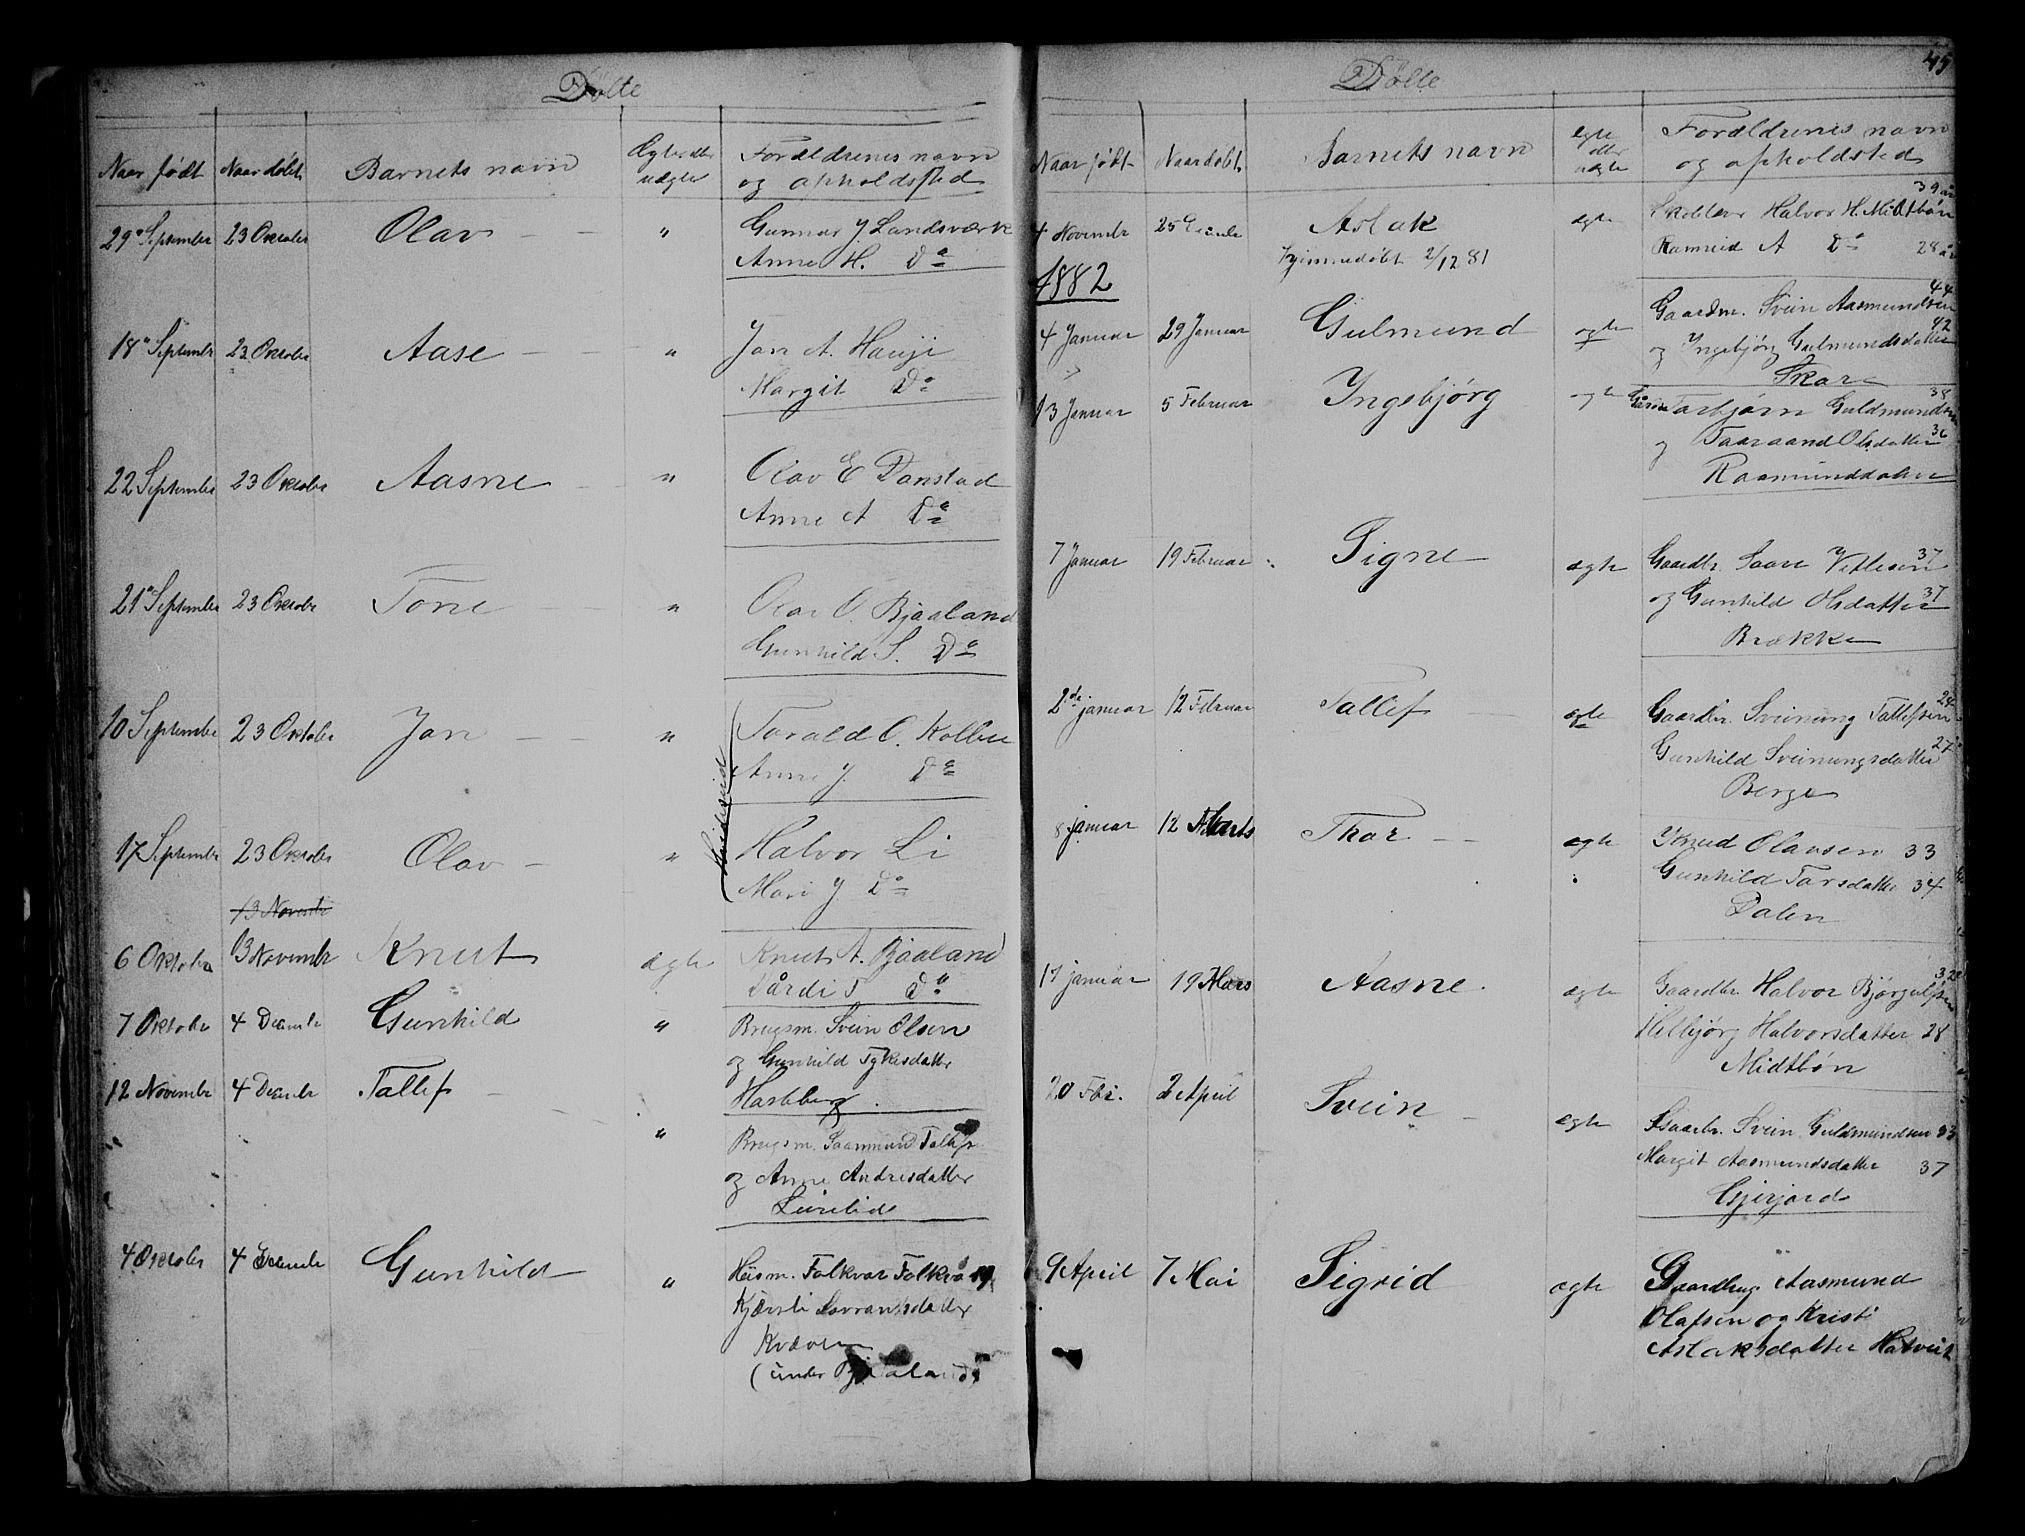 SAKO, Kviteseid kirkebøker, G/Gb/L0002: Klokkerbok nr. II 2, 1850-1892, s. 45